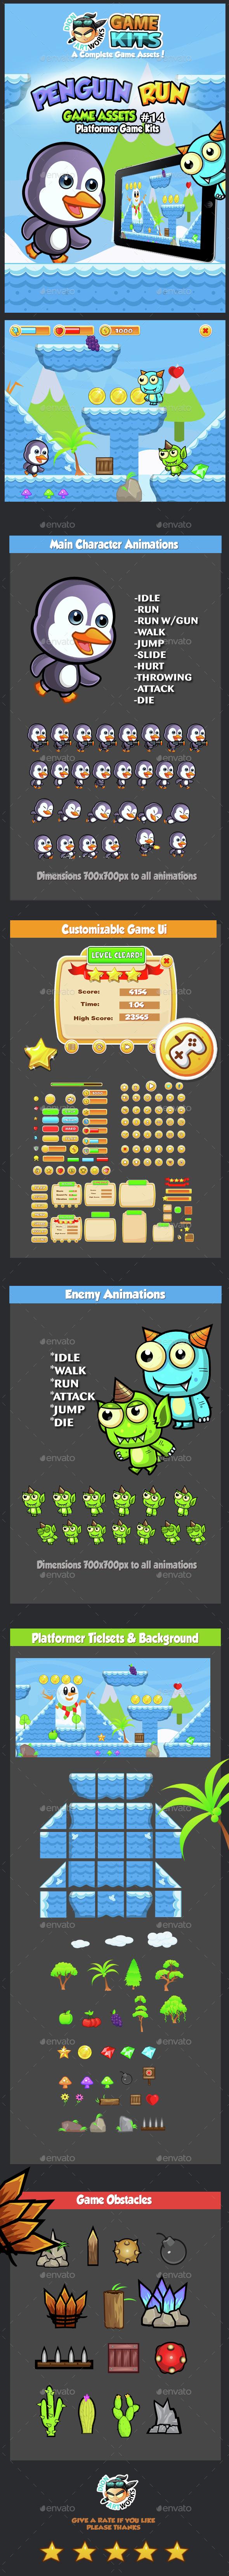 Penguin Run Platformer Game Assets 14 (Game Kits)